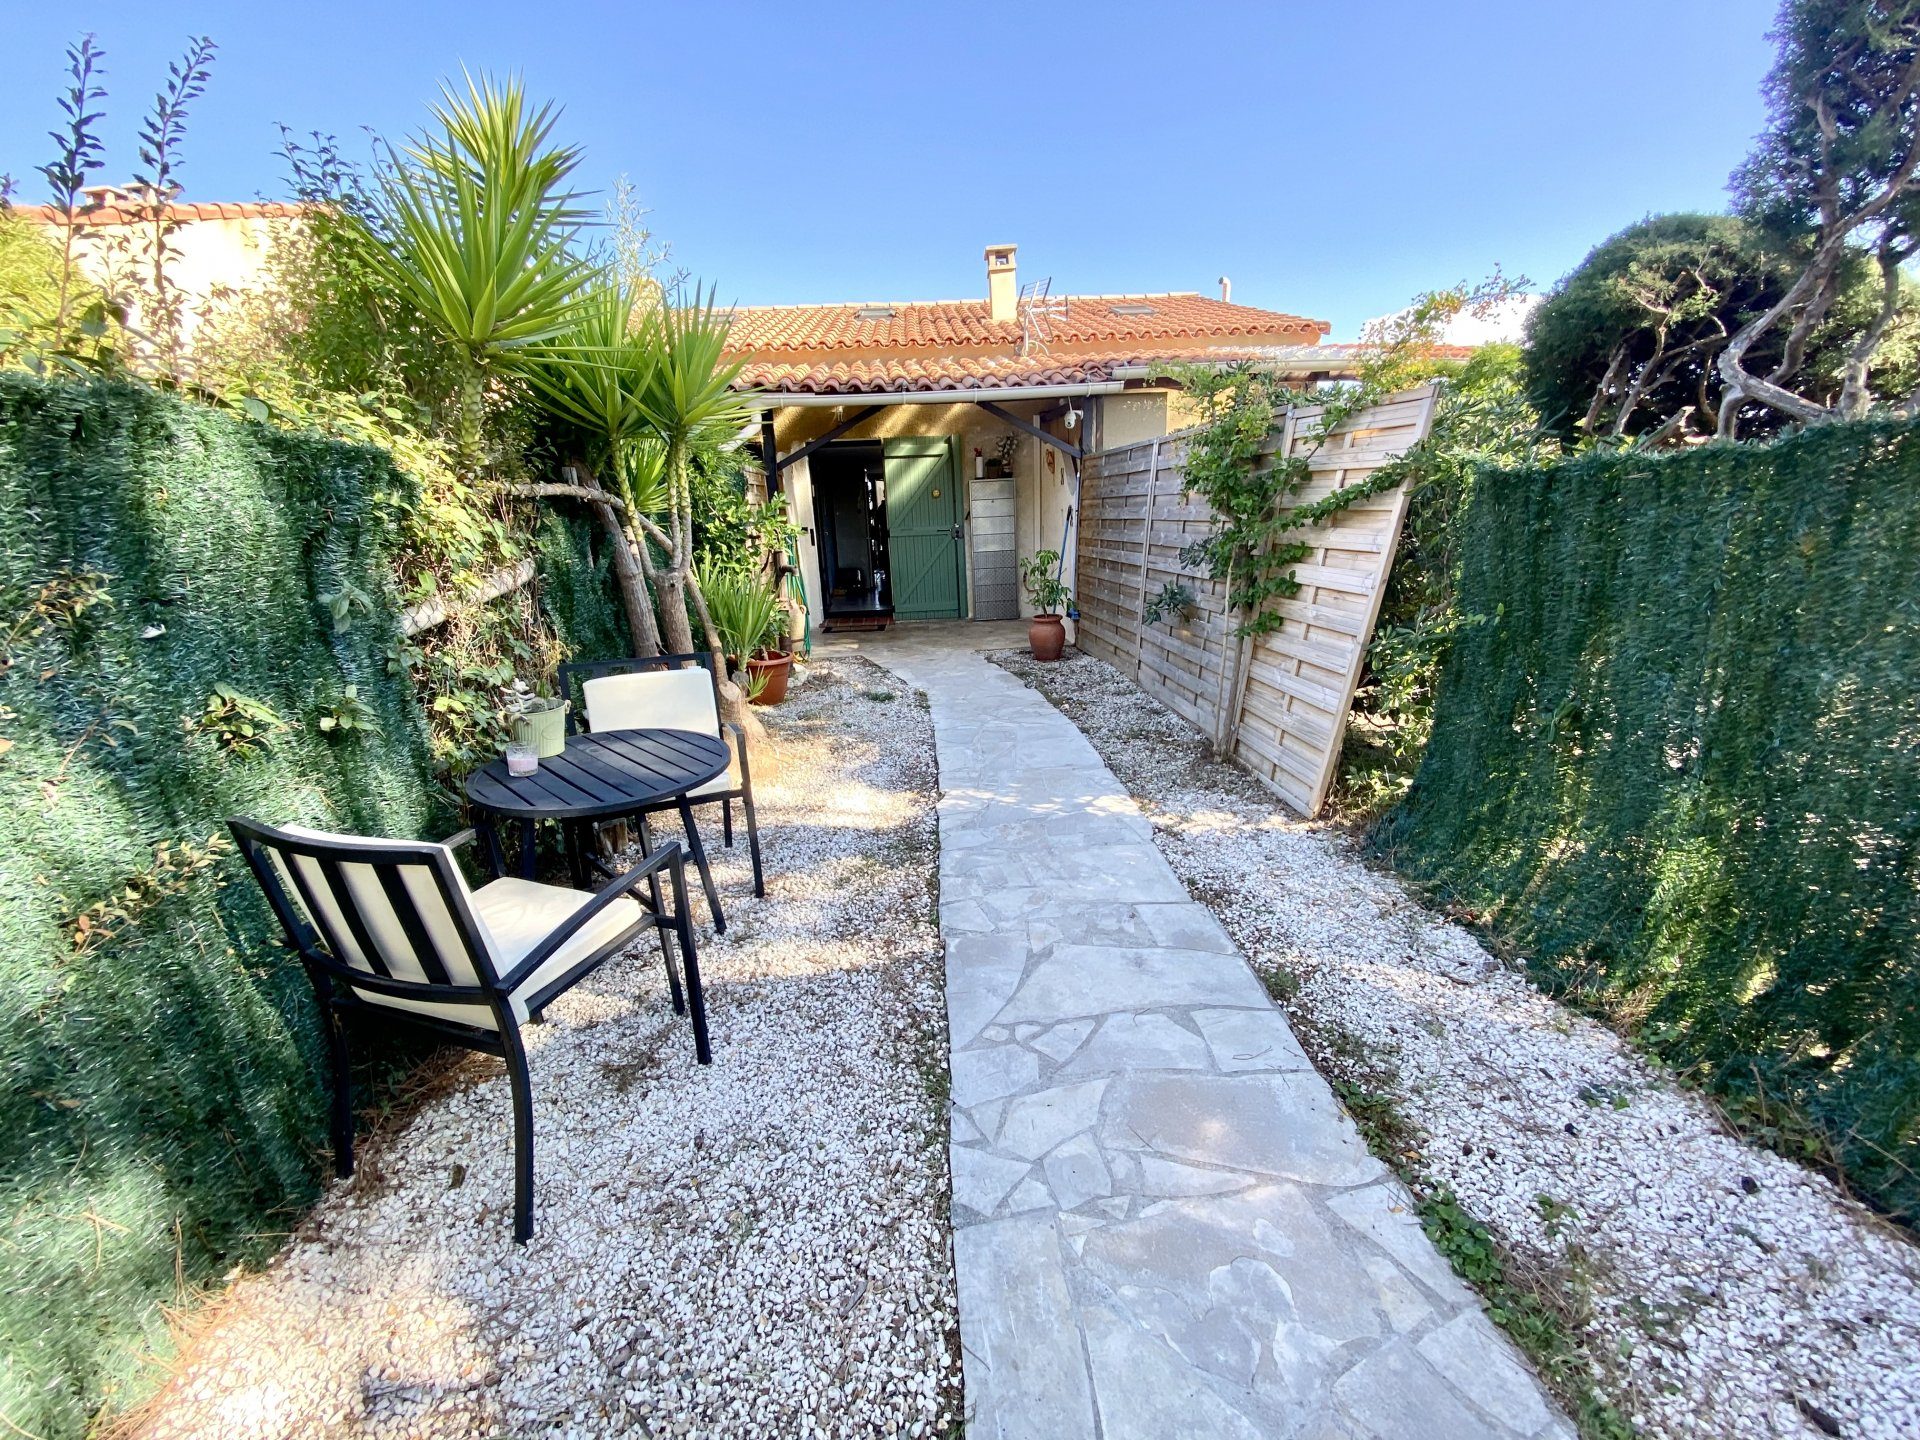 Maison jumelée avec terrasse et jardin